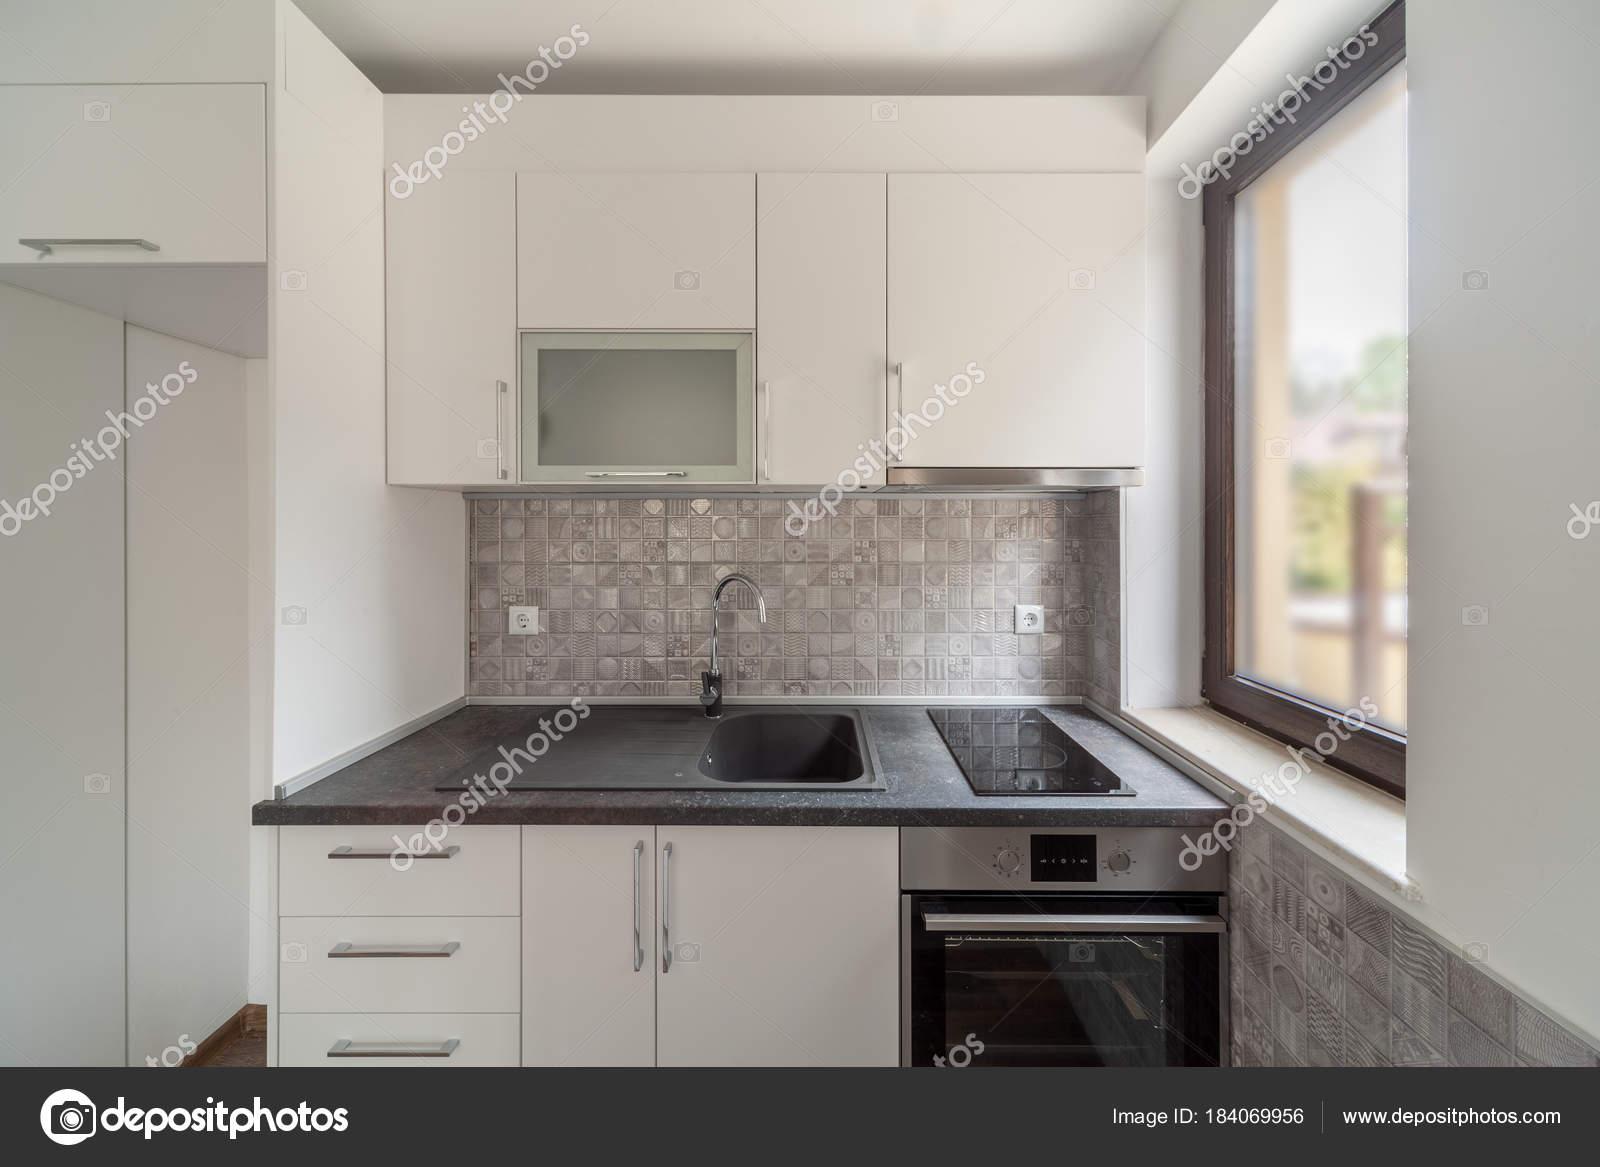 Neue moderne und leere weiße Küche. Neues Zuhause. Interieur ...